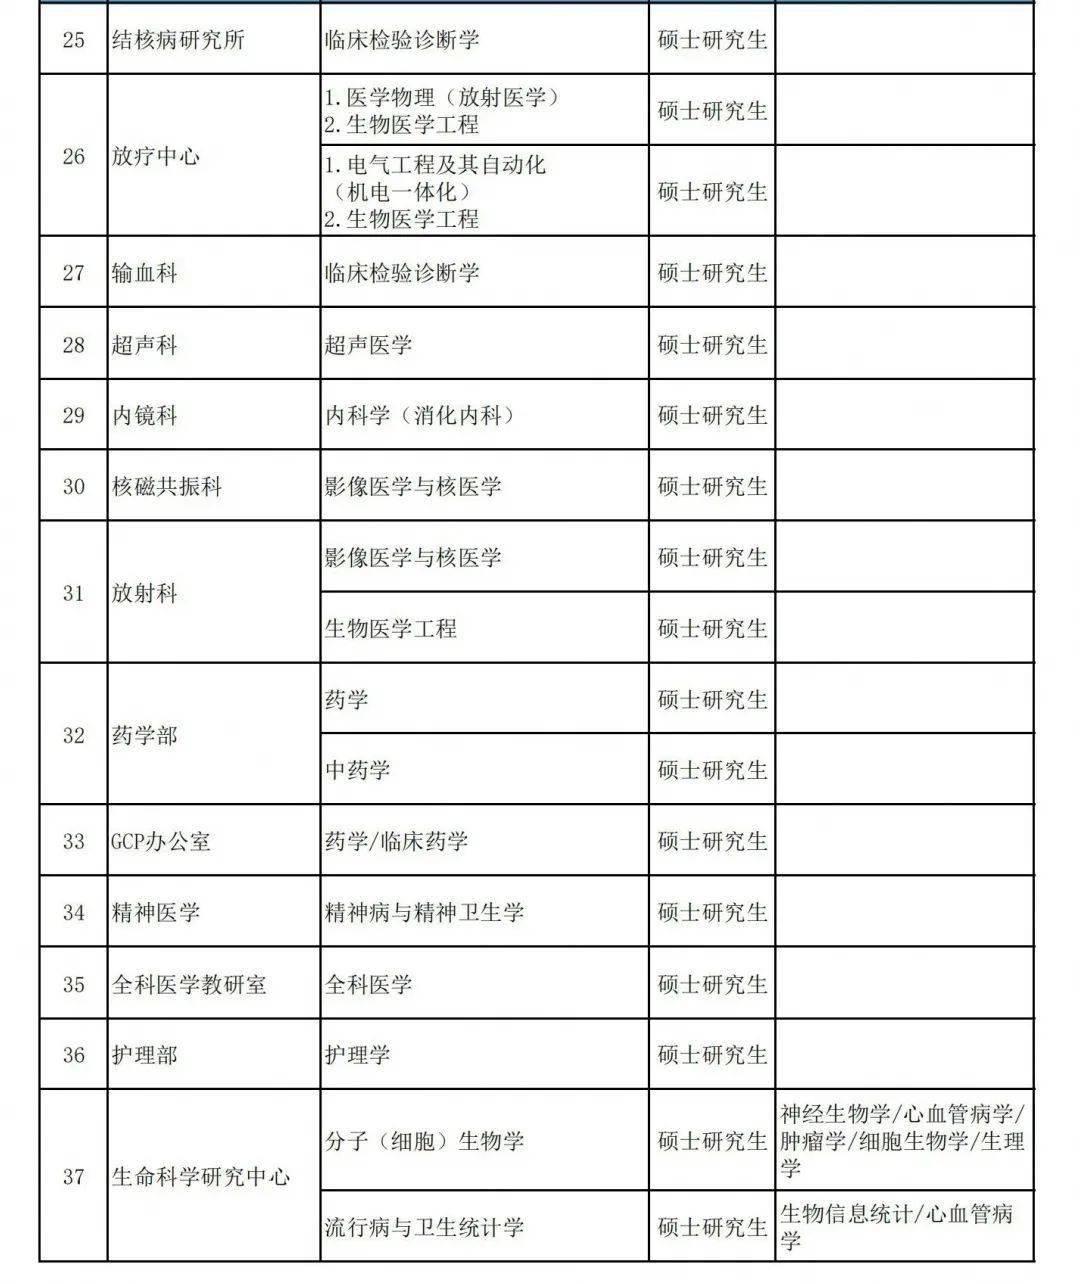 新乡人口2021_河南省新乡市第一人民医院2021年春季公开招聘88人岗位计划及要求